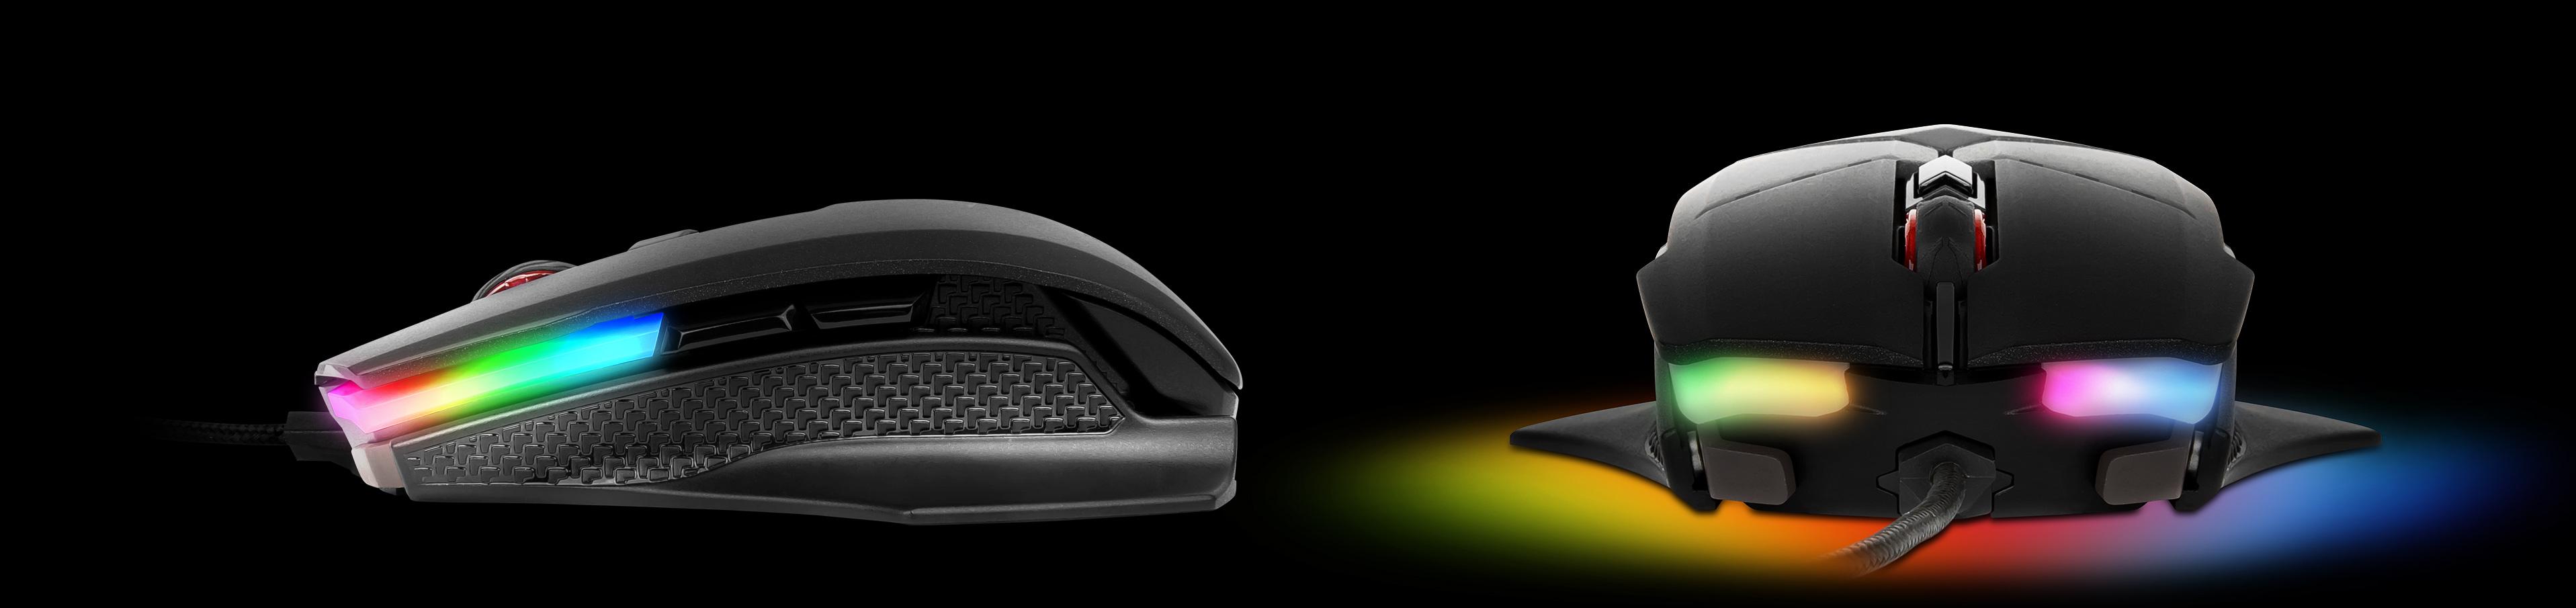 podświetlenia Mystic Light Sync RGB w myszcze MSI Clutch GM60